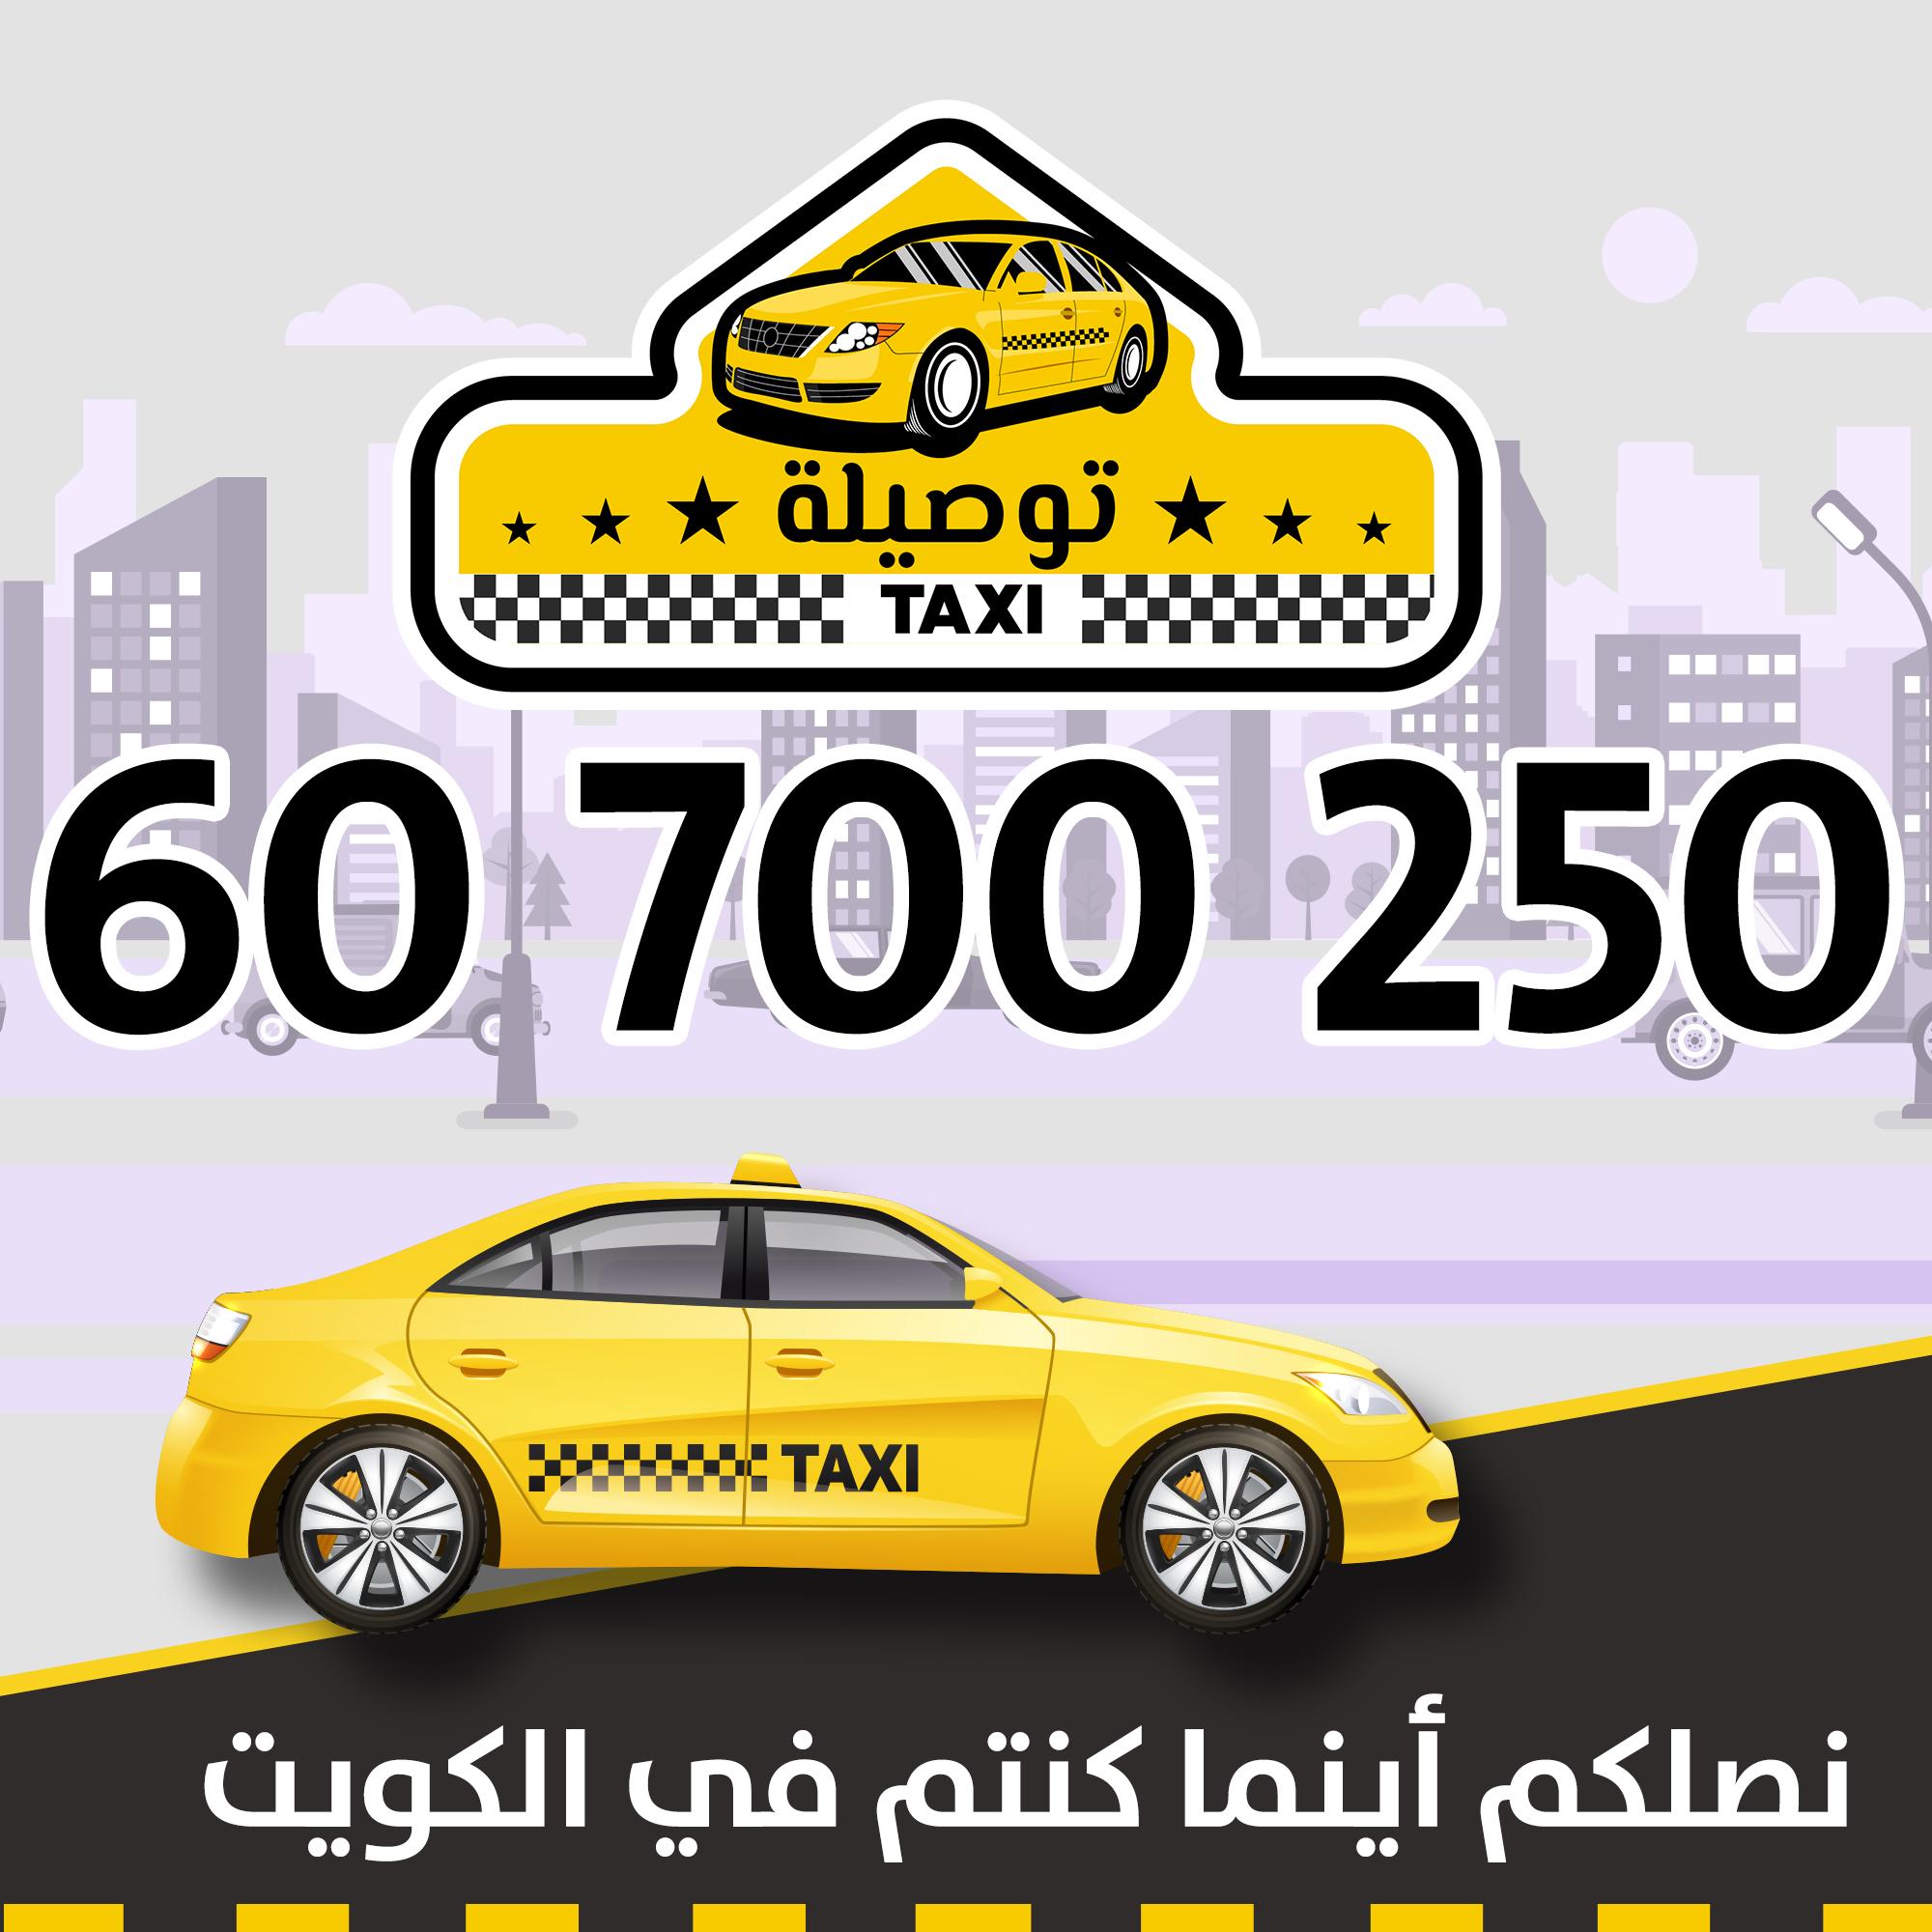 تاكسي توصيلة في شارع خالد عقاب الاشهب